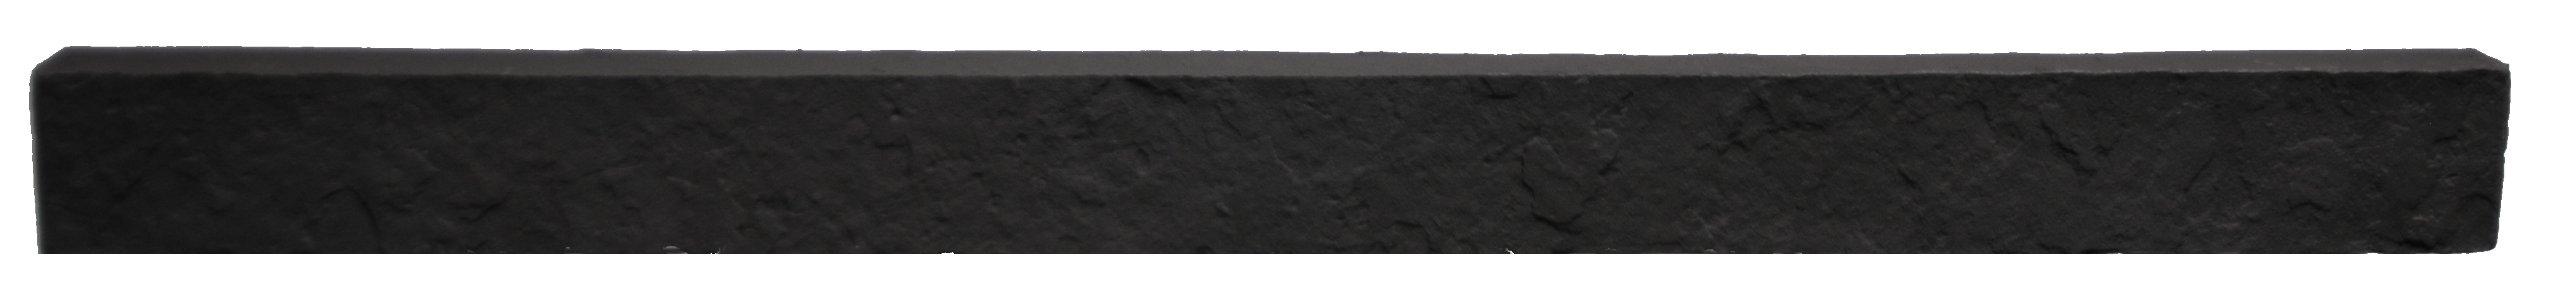 NextStone Sandstone Window and Door Trim Charcoal 4 Pack